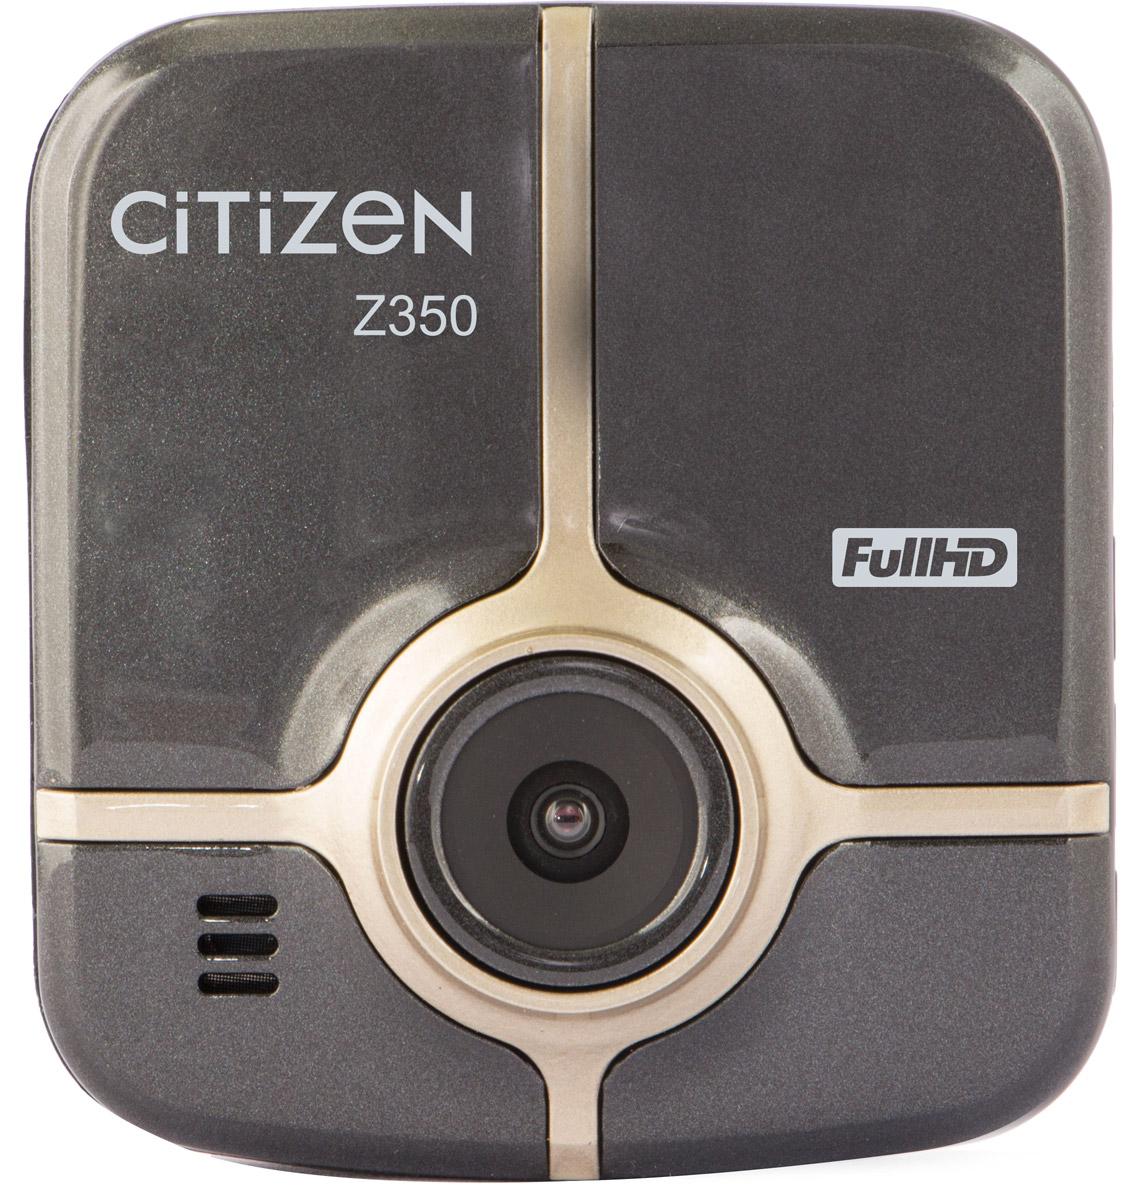 CiTiZeN Z350 автомобильный видеорегистратор